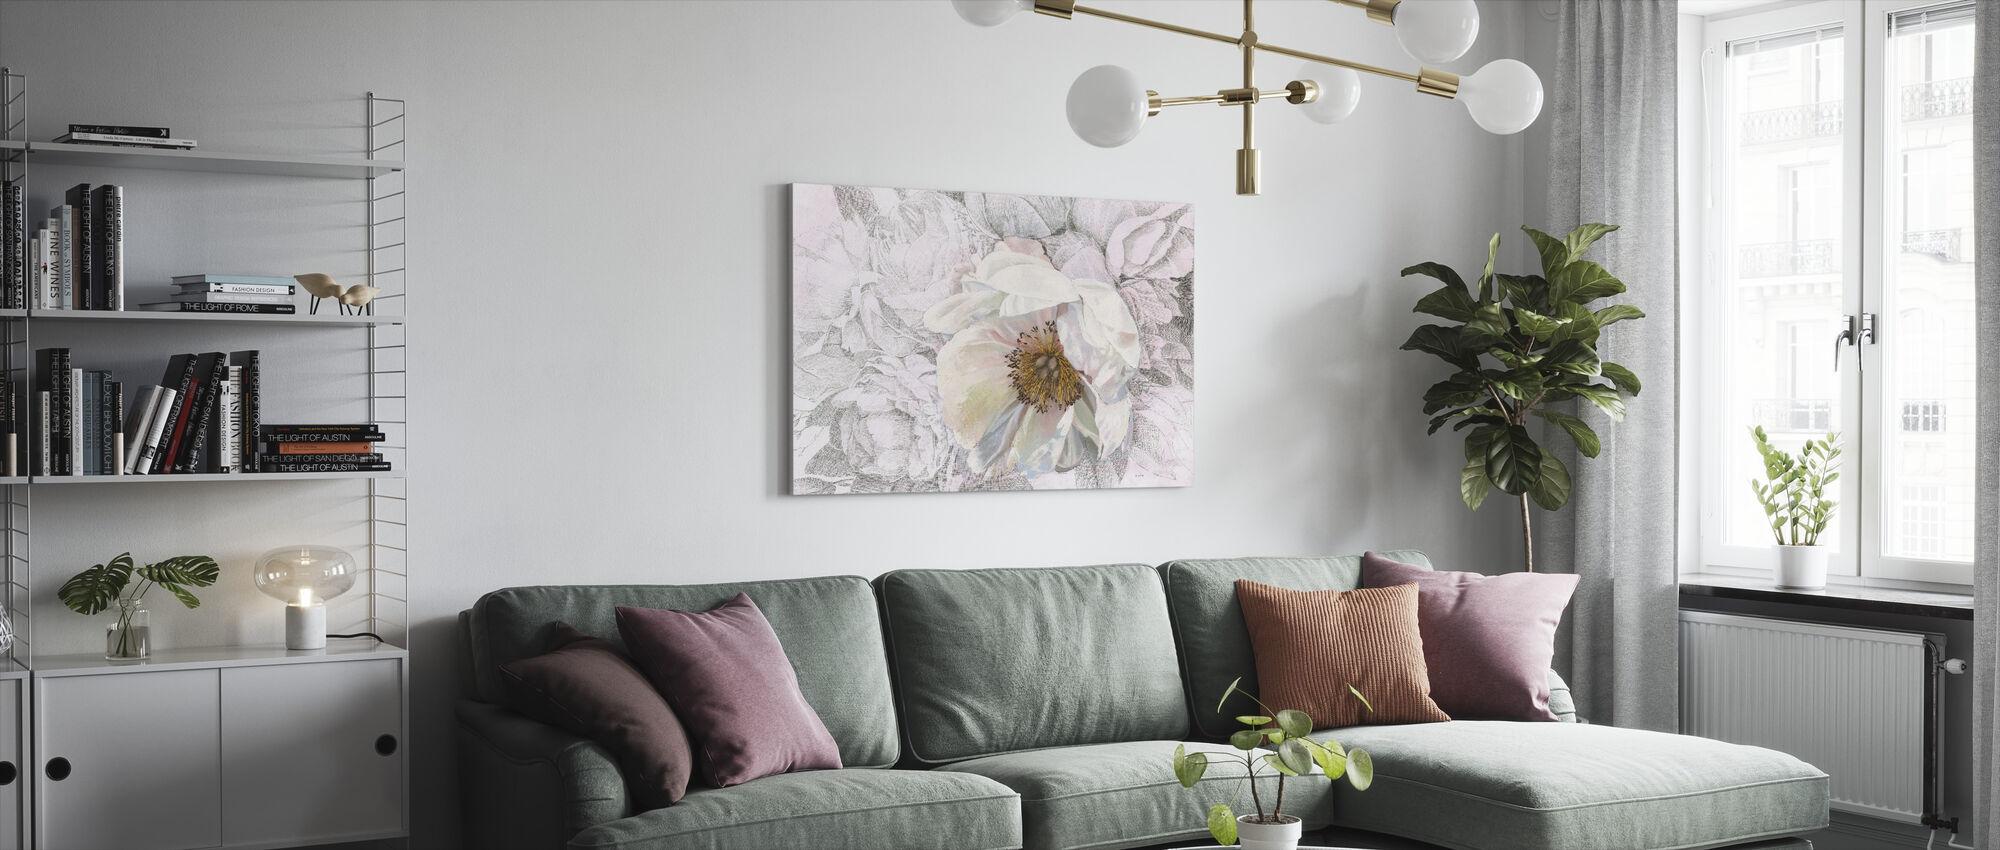 Kukkivat luonnos - Canvastaulu - Olohuone